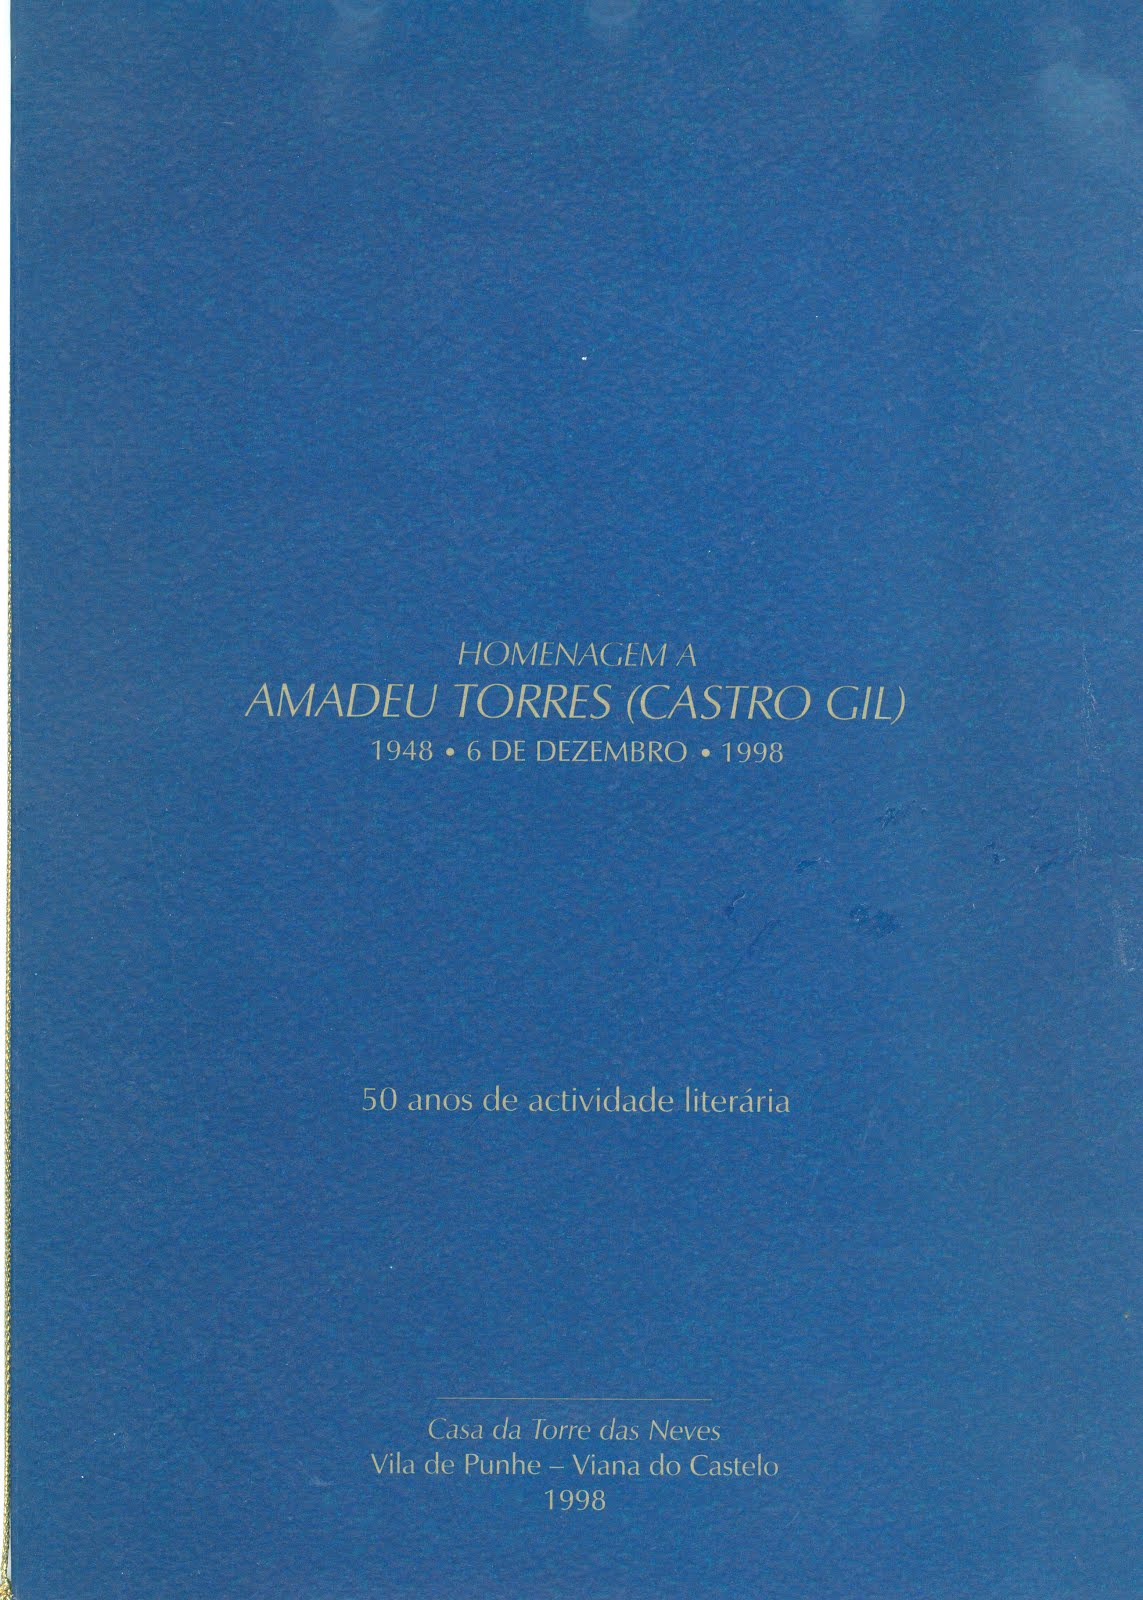 HOMENAGEM A AMADEU TORRES (CASTRO GIL)